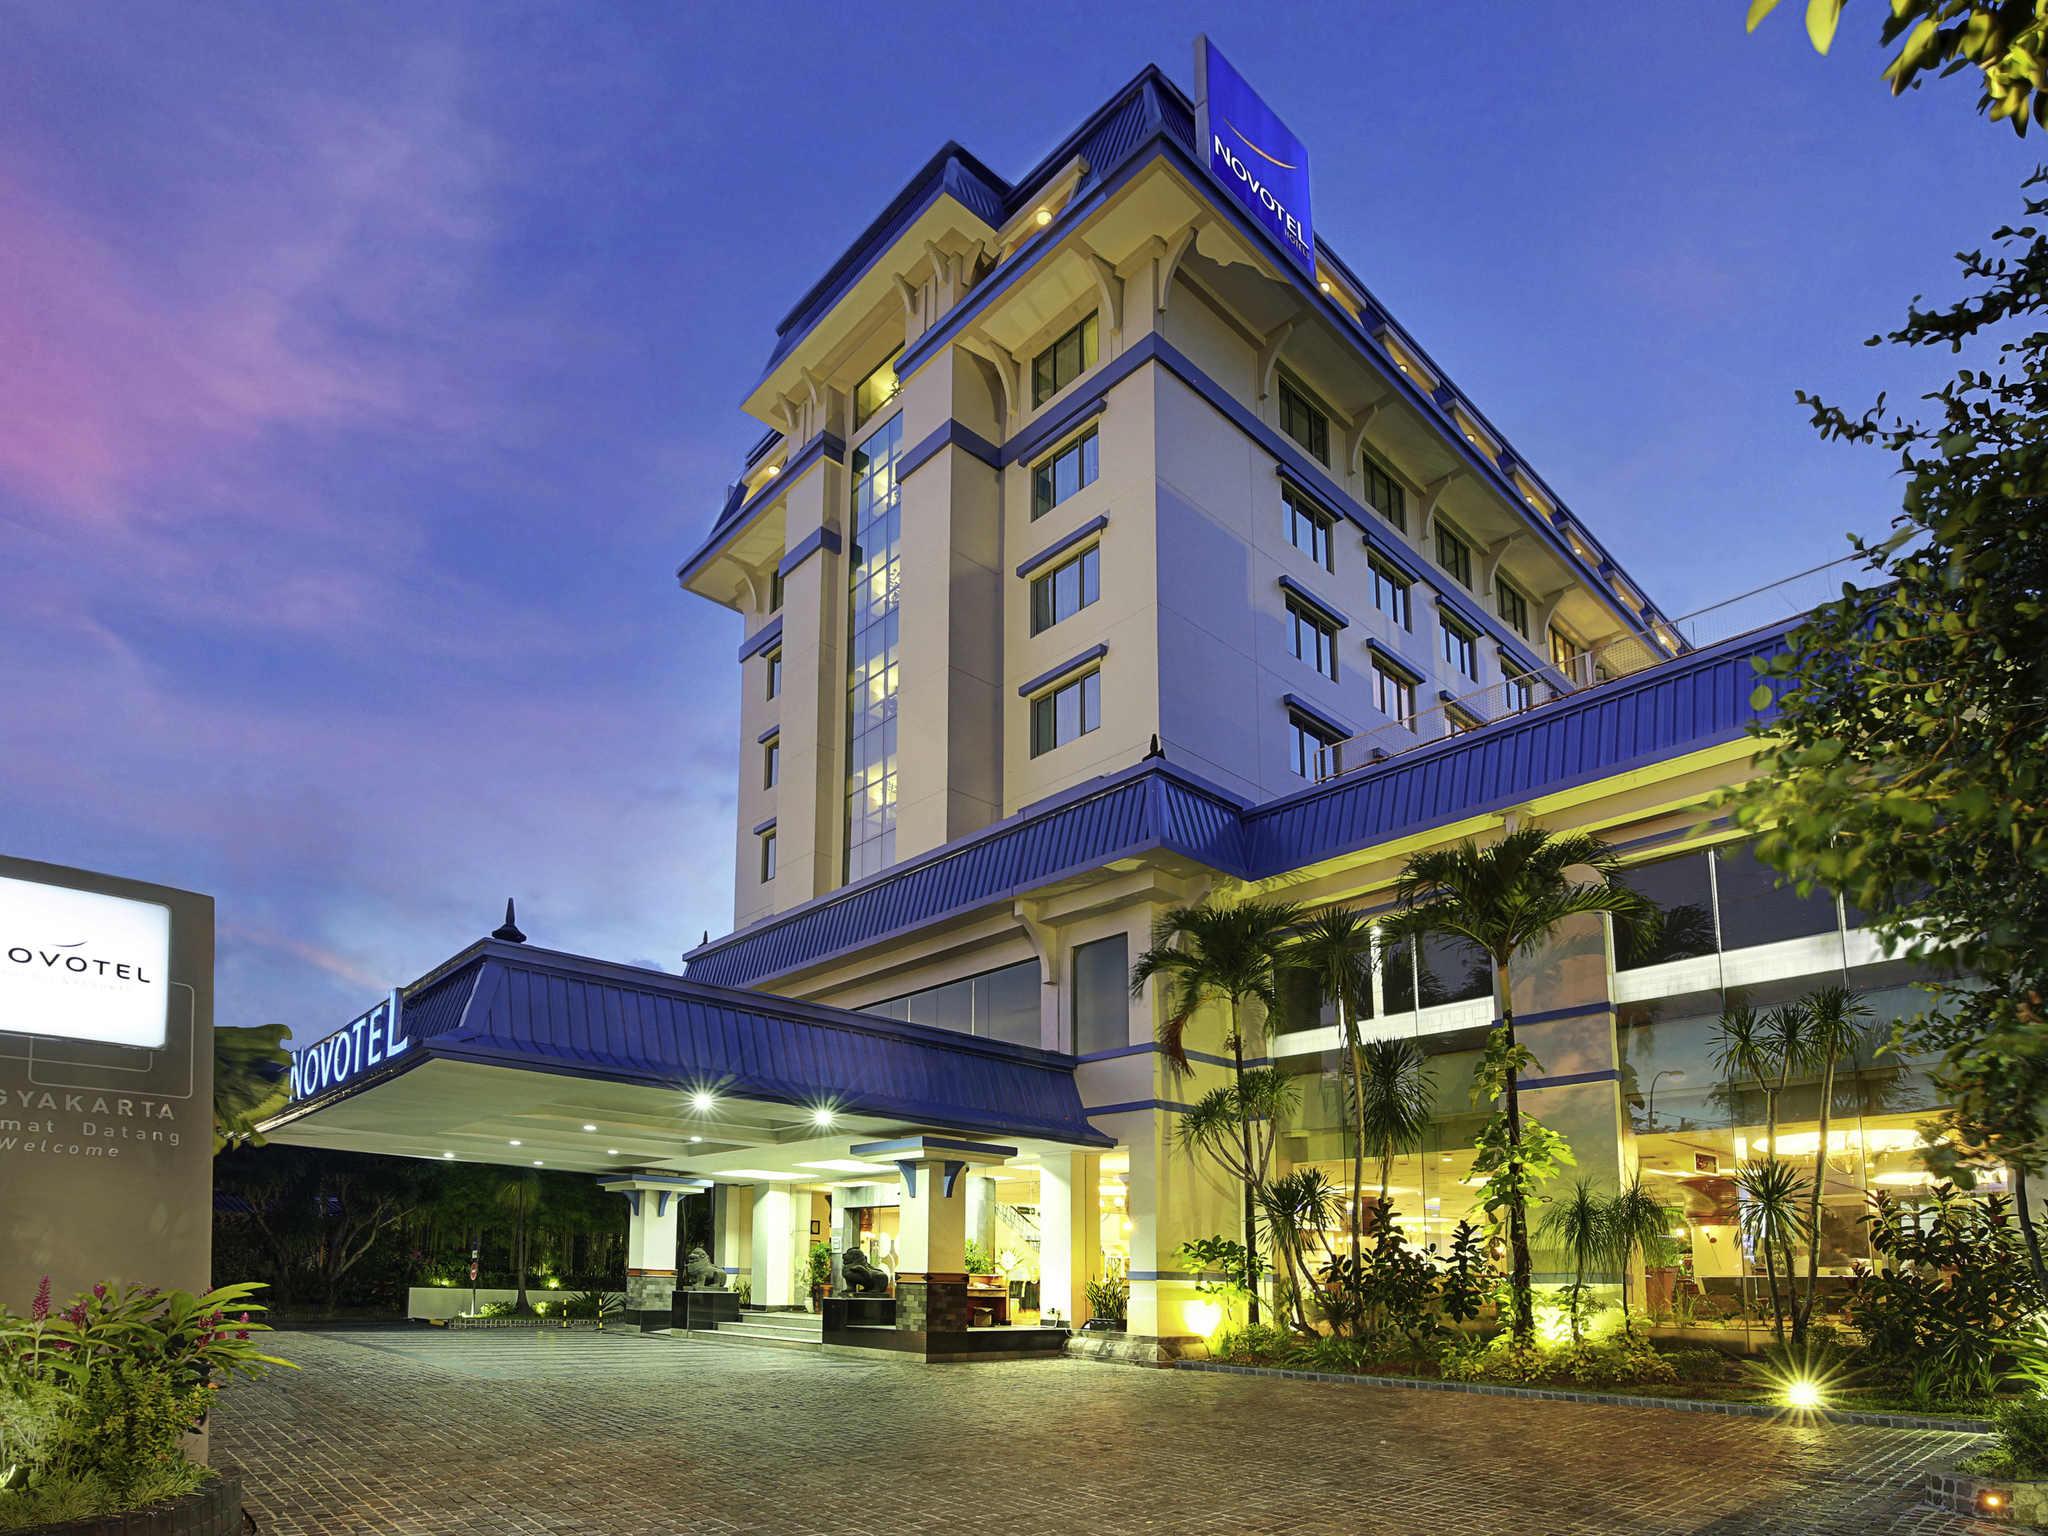 Hotel - Novotel Yogyakarta